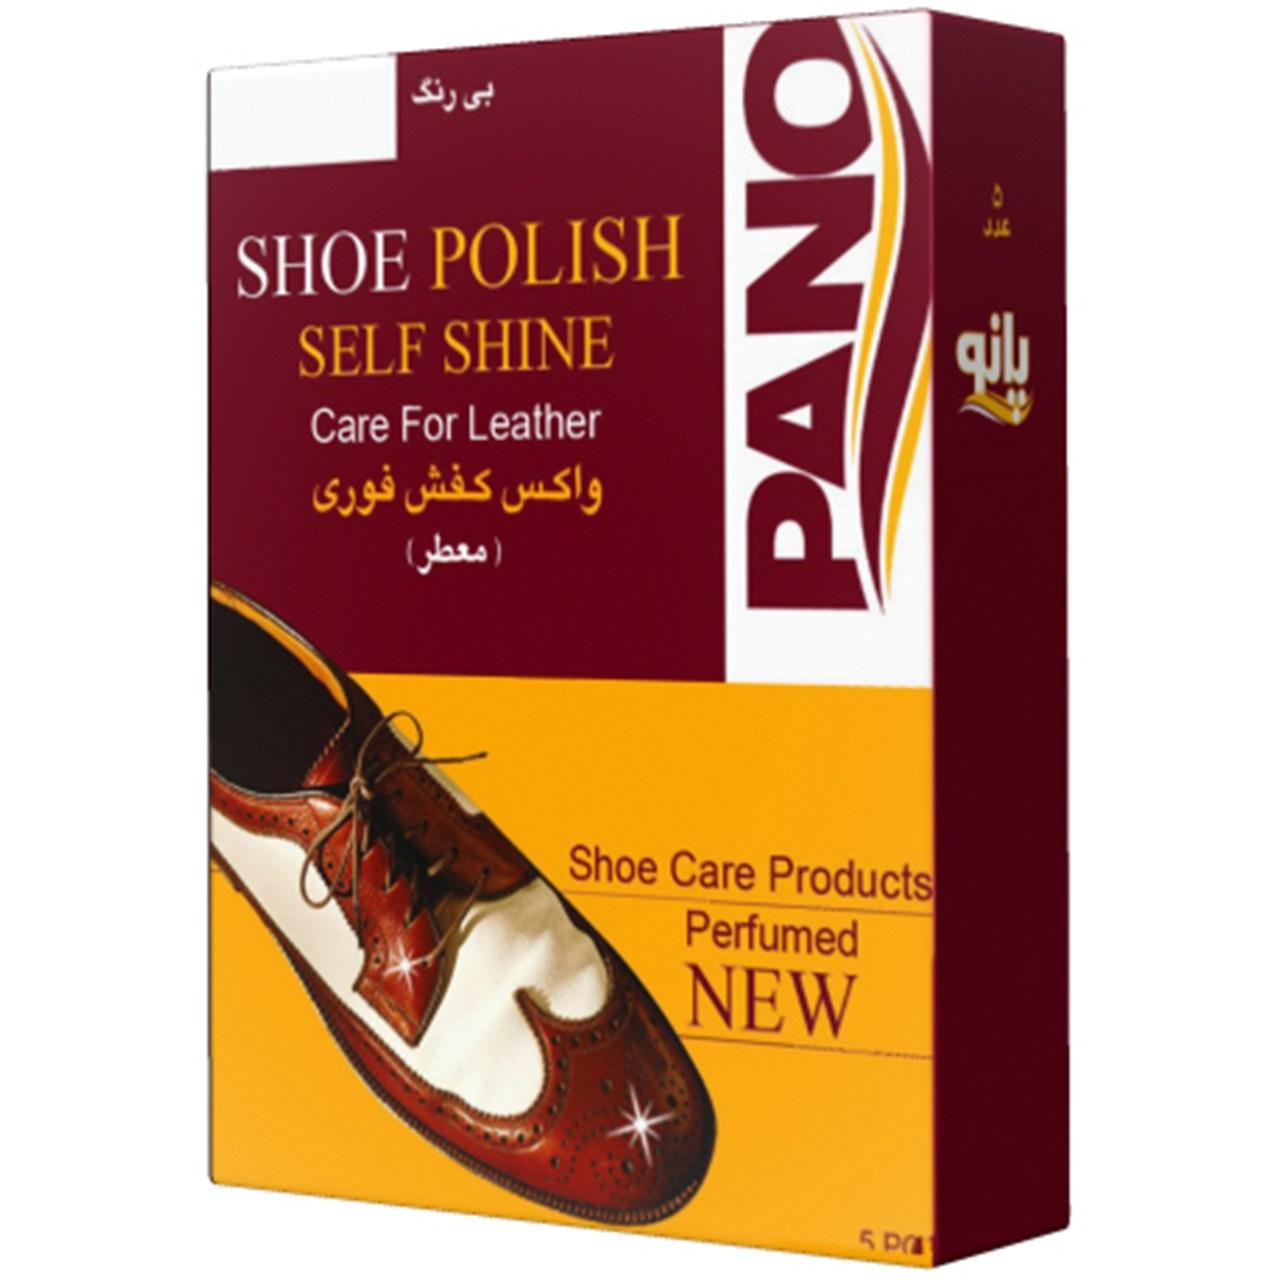 دستمال مرطوب پانو مخصوص کیف و کفش چرمی بسته 5 عددی